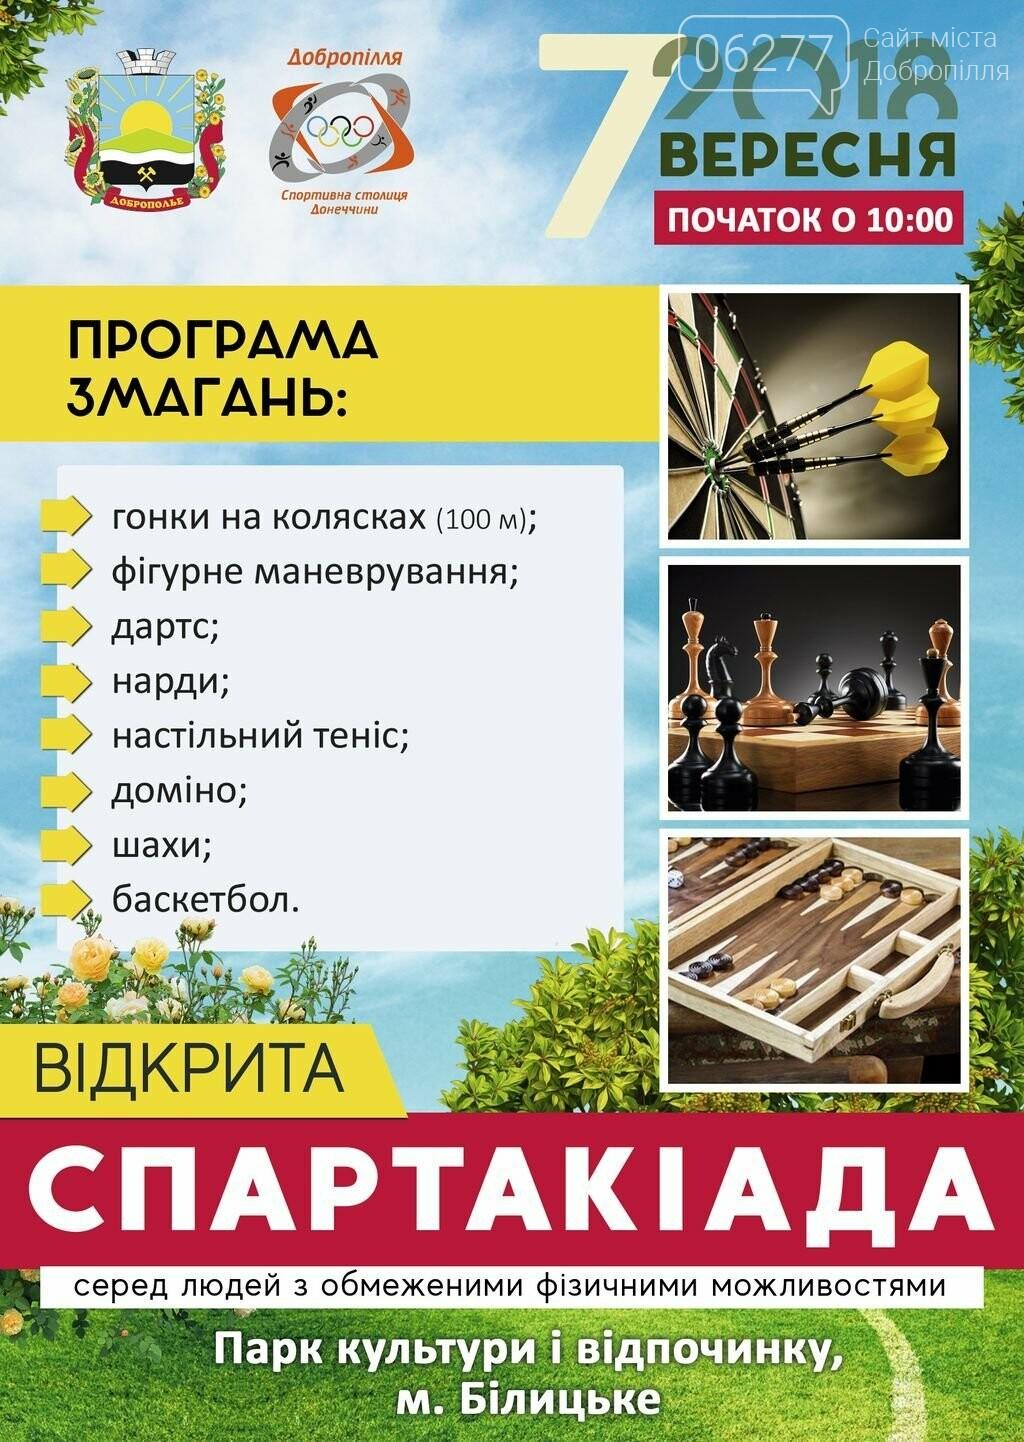 В Доброполье проведут спартакиаду среди людей с особыми потребностями, фото-1